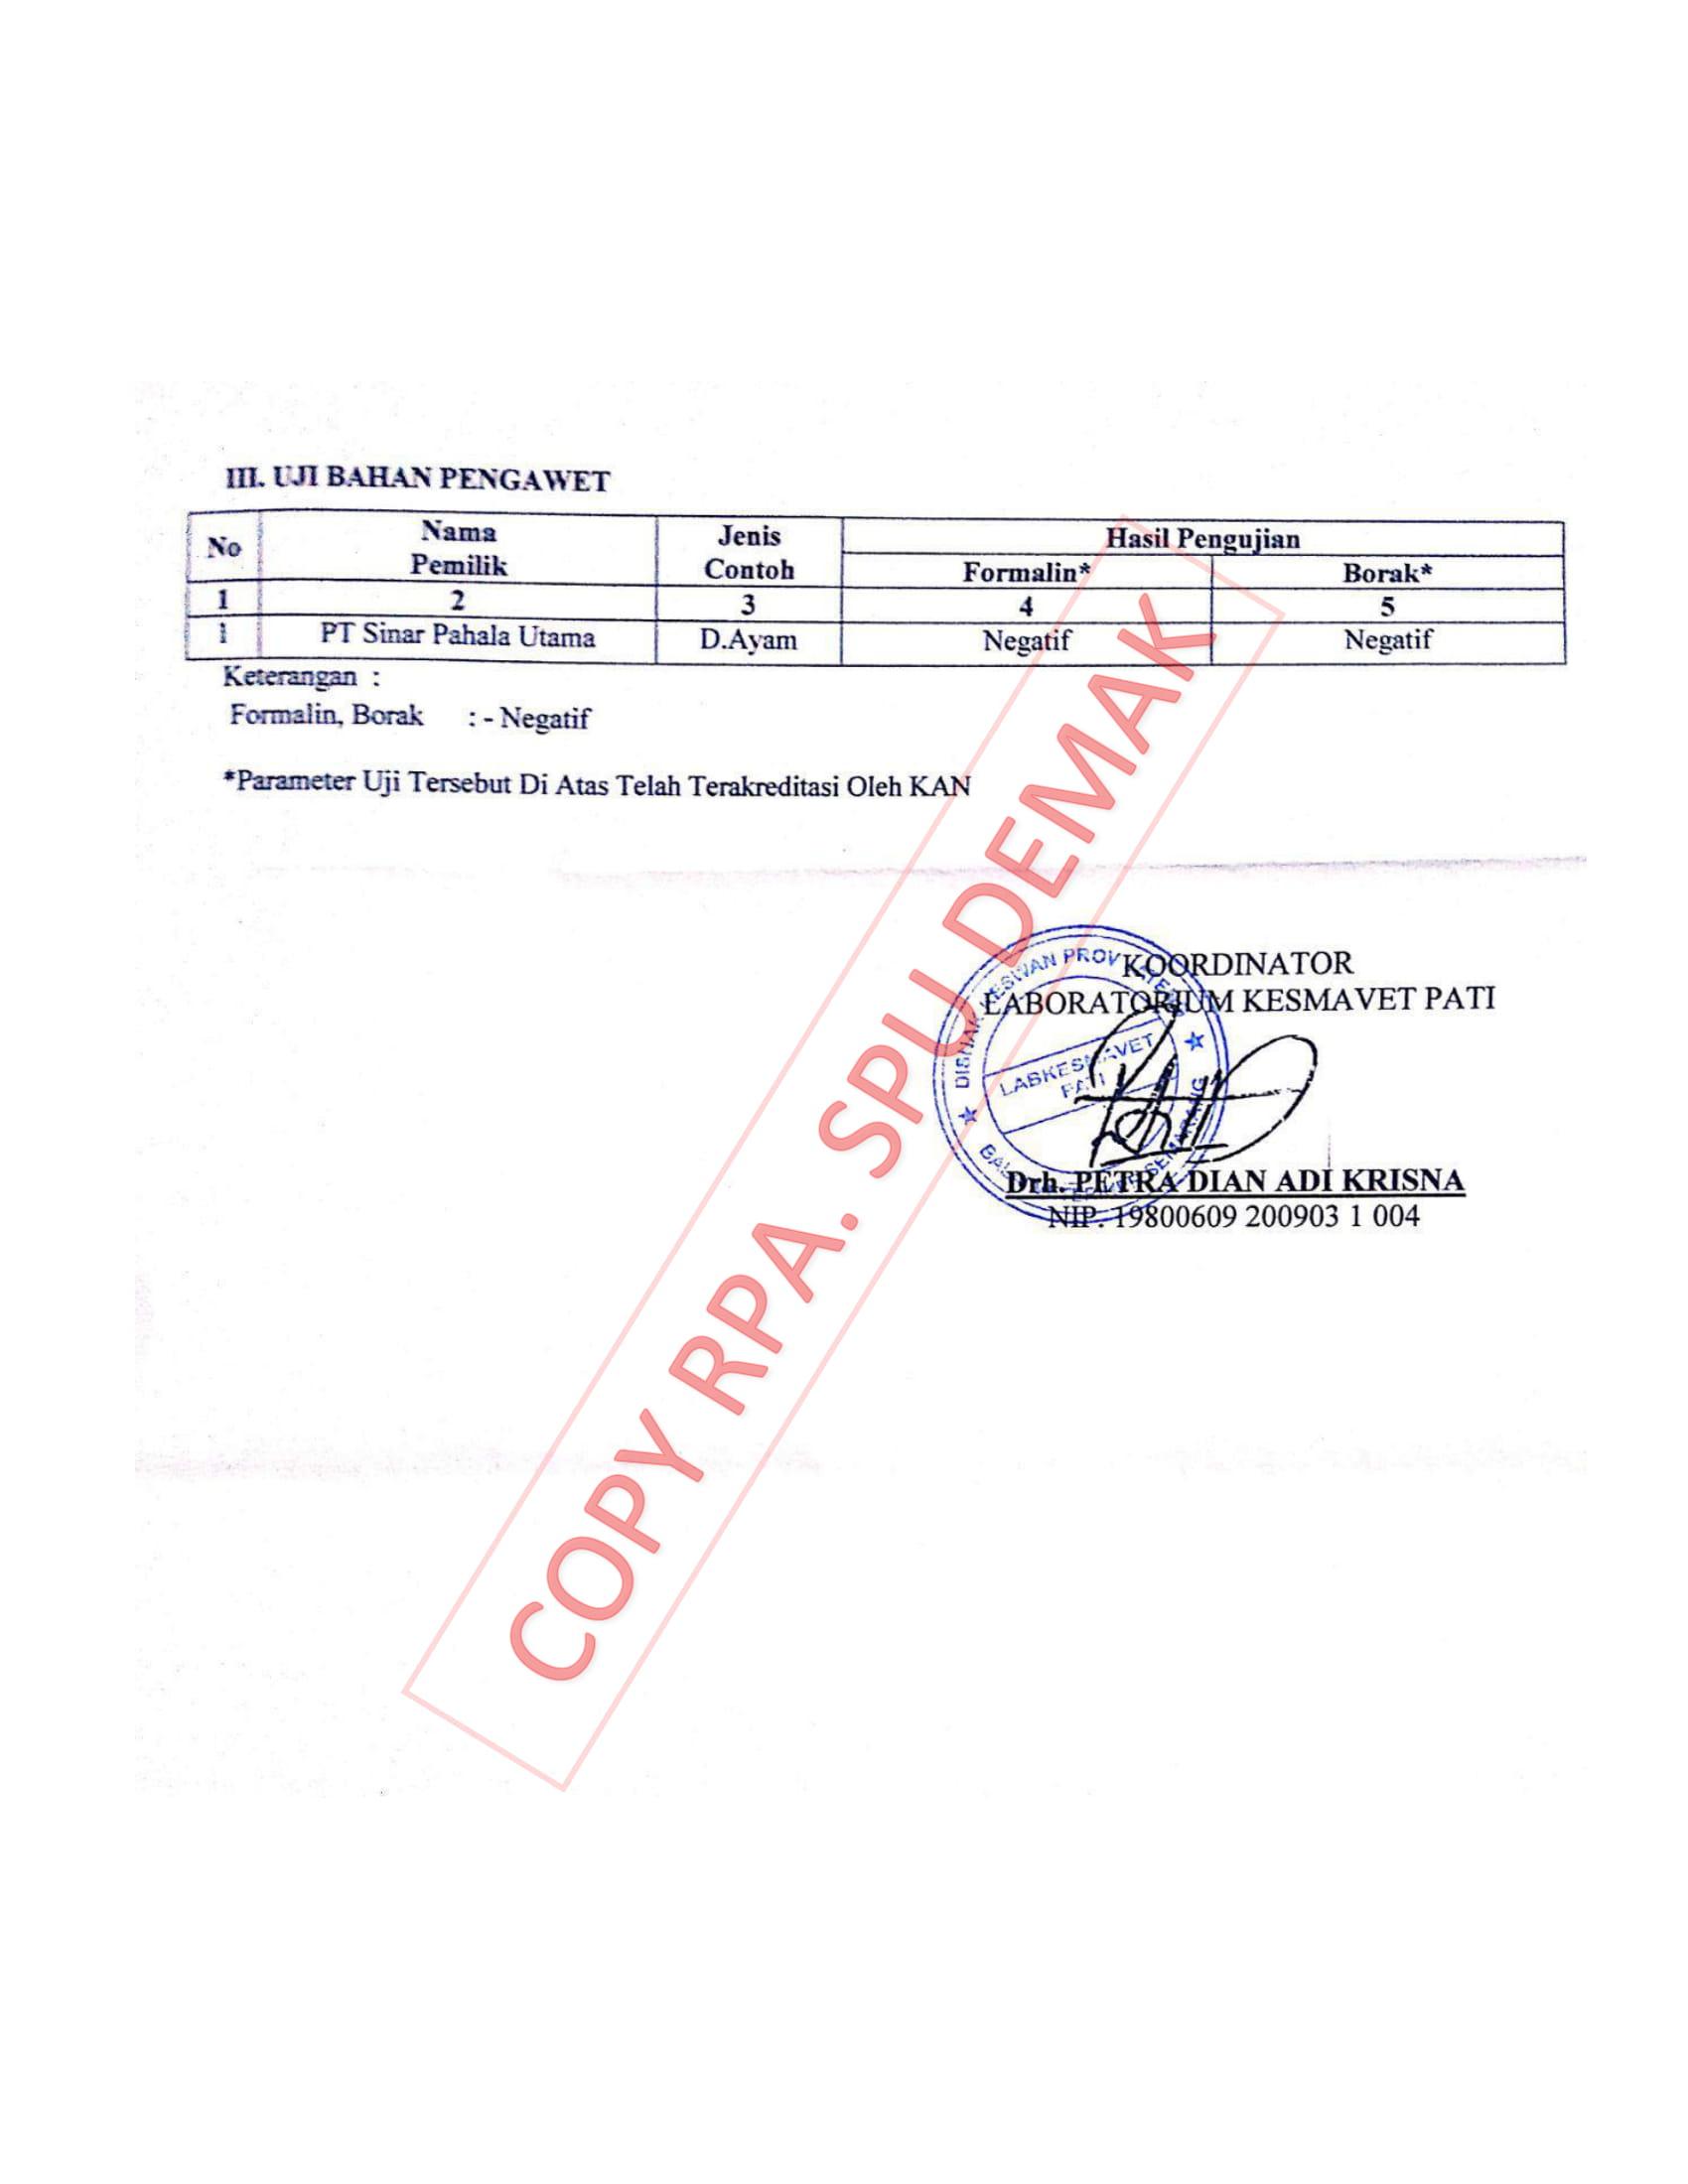 Lampiran uji lab produk COA halaman 2